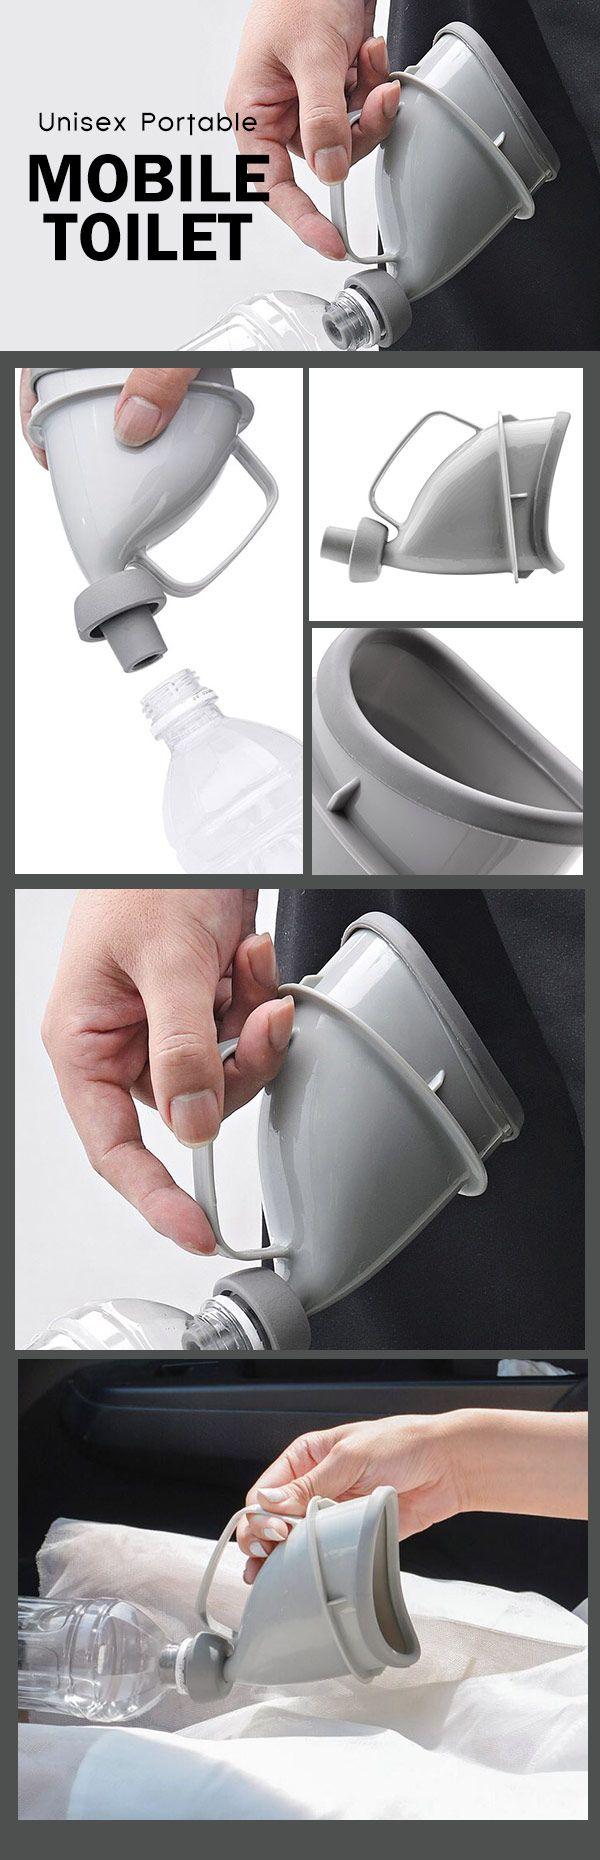 Tuvalet mobil